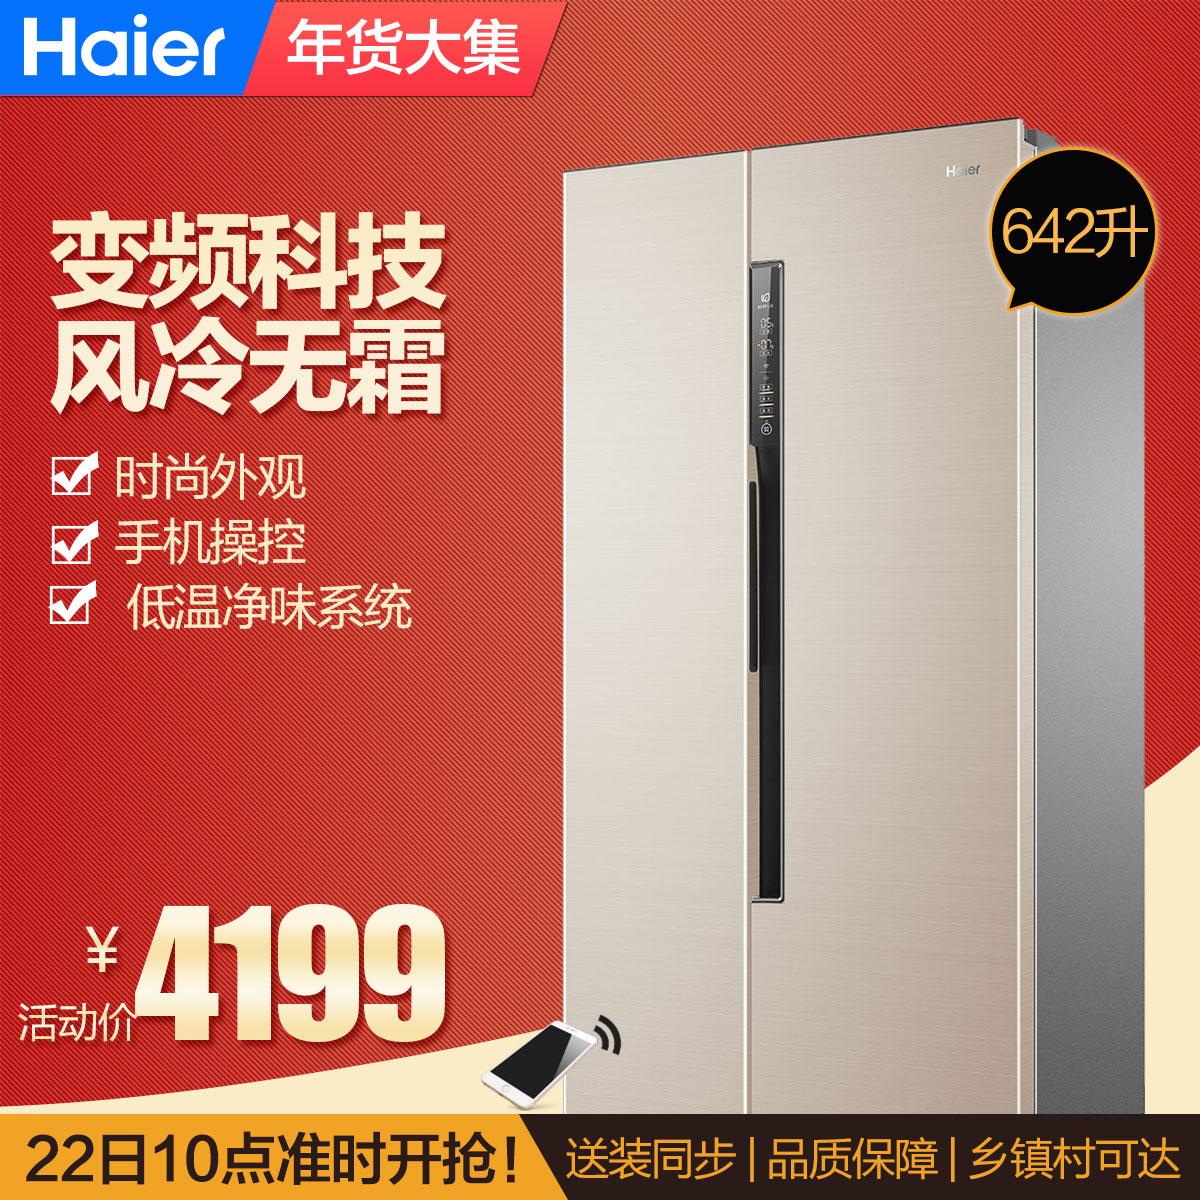 642升变频风冷对开门冰箱;优雅香槟金,时尚百搭;变频压缩机,节能静音;手机操控,智能饮食养生,低温净味系统;隐藏门把手 BCD-642WDVMU1